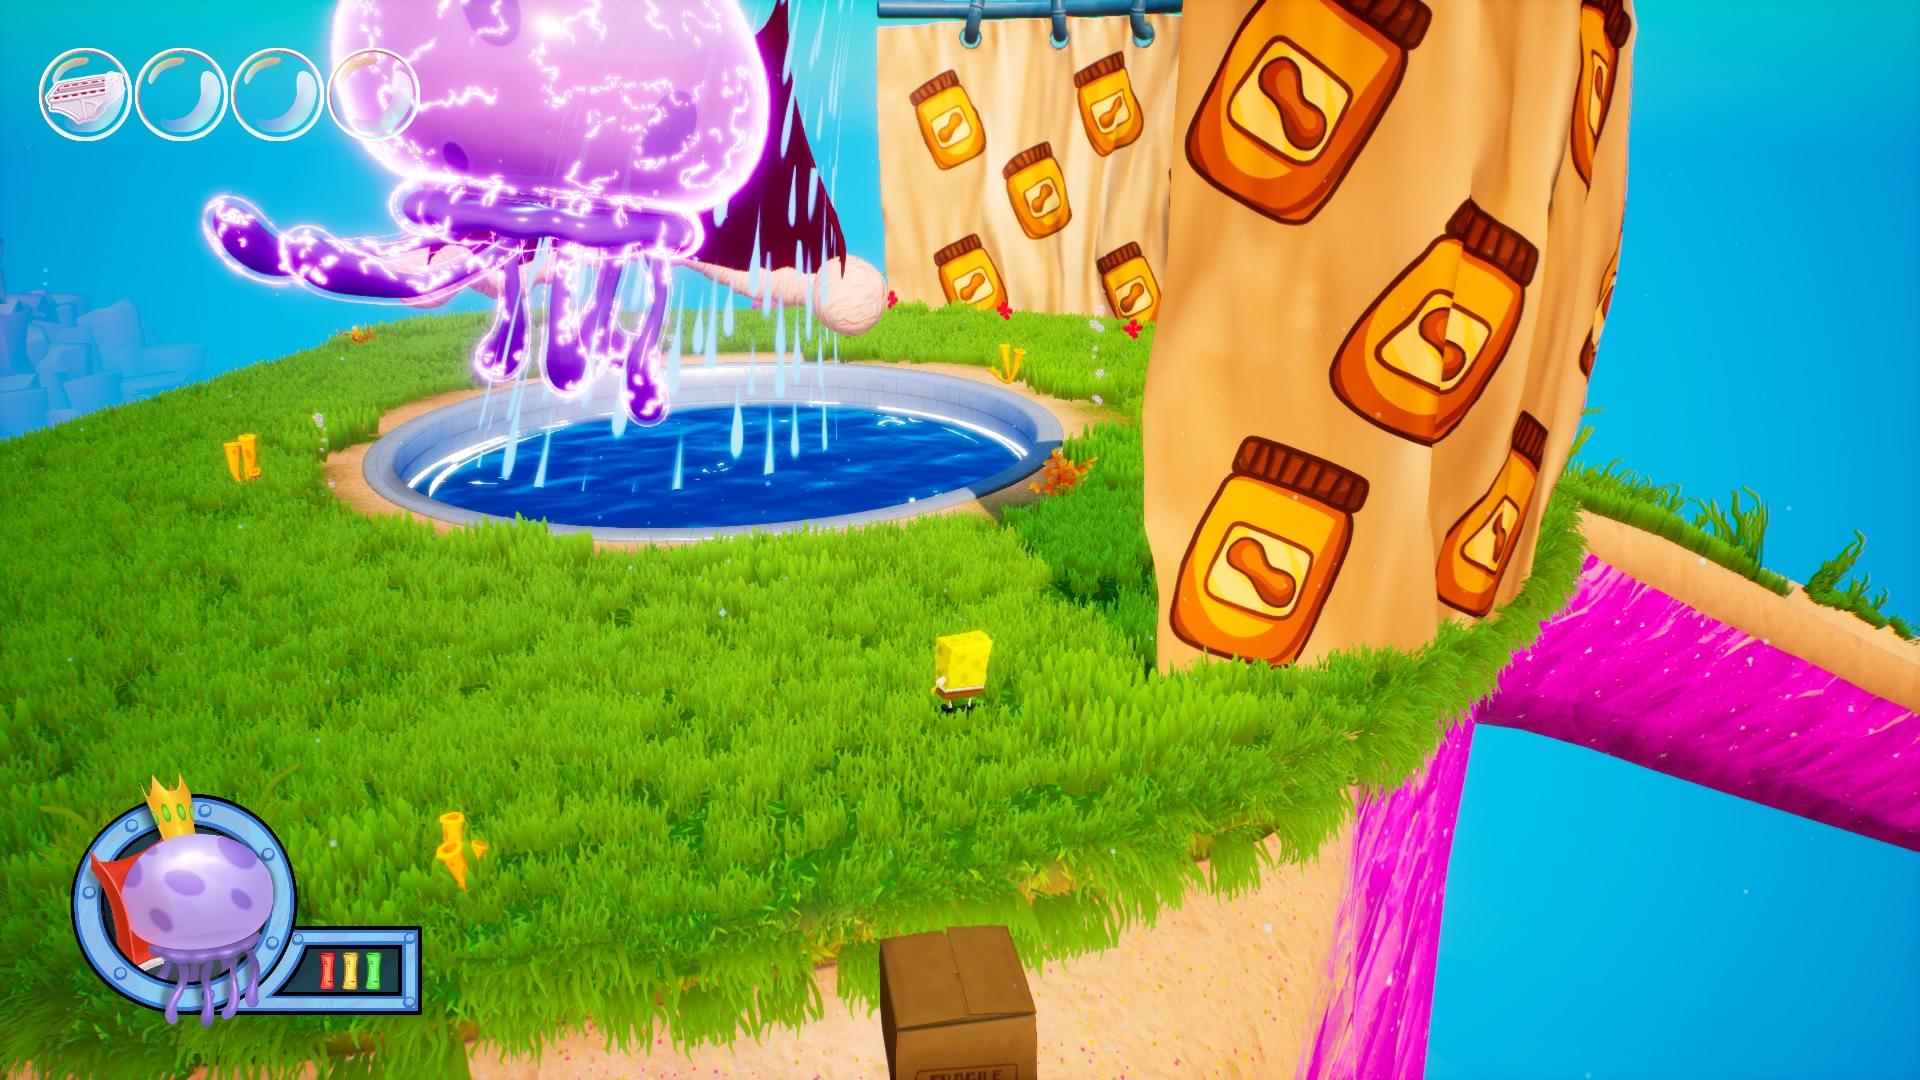 Recenzja SpongeBob SquarePants: Battle for Bikini Bottom - Rehydrated. Naprawdę udany tytuł nie tylko dla najmłodszych